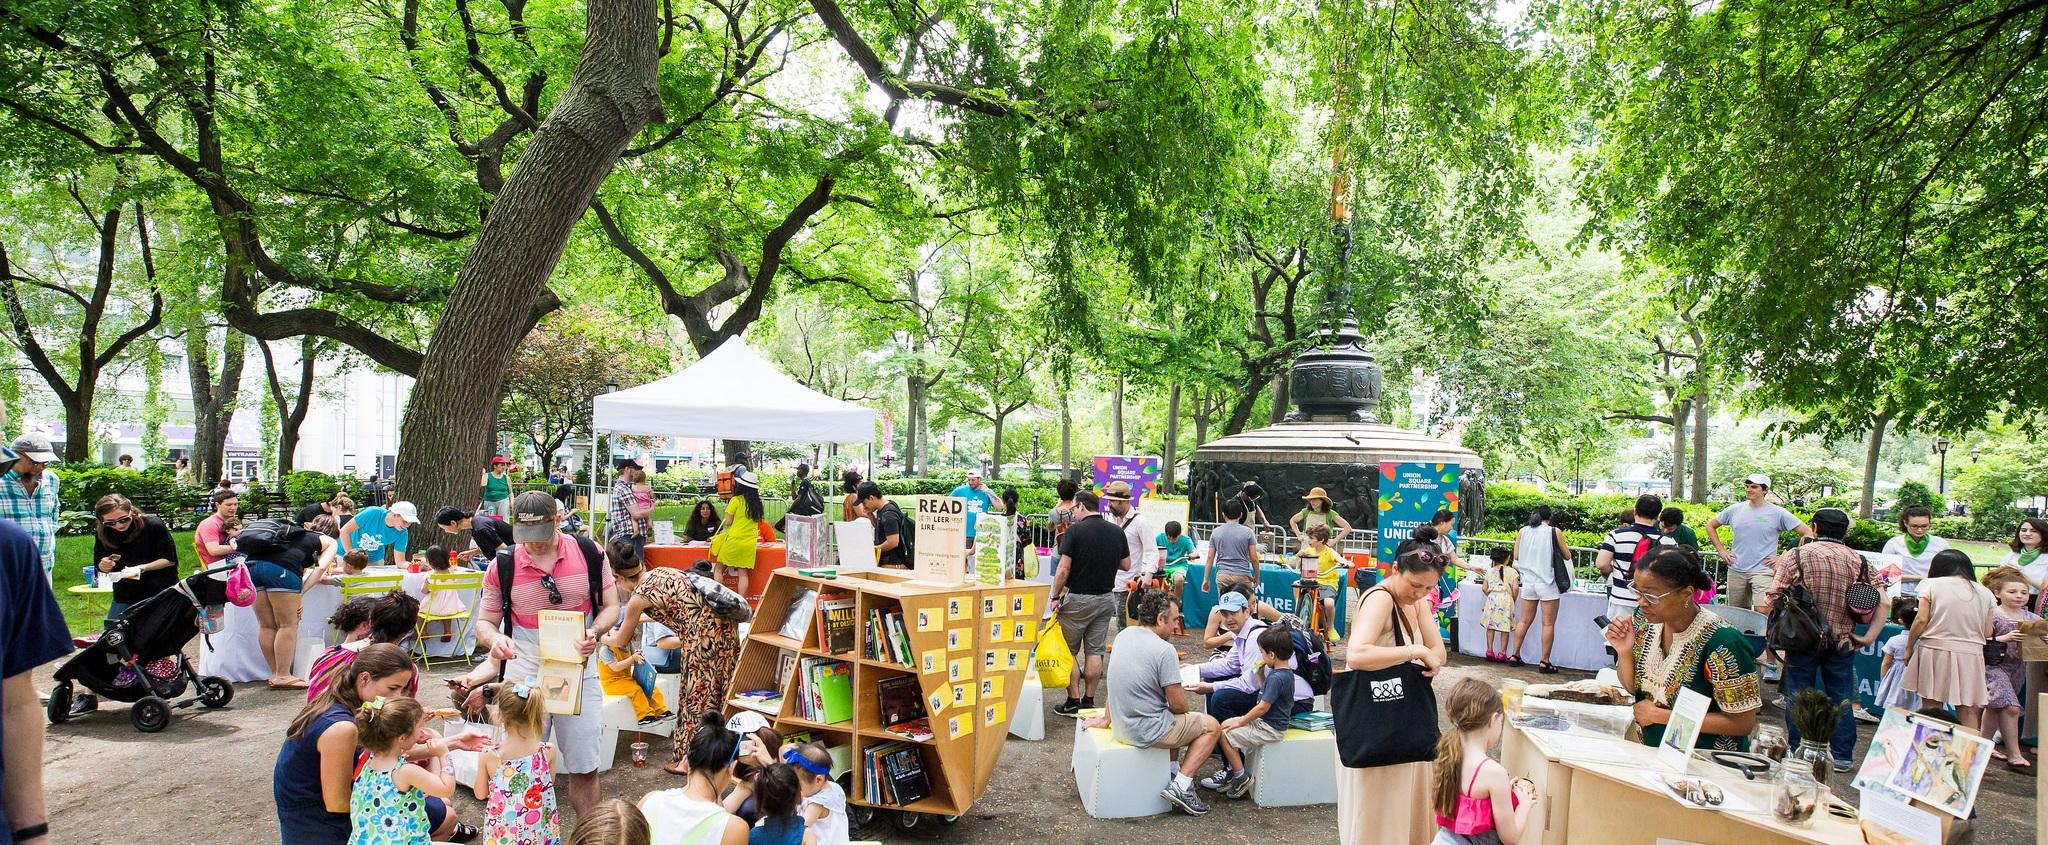 It's My Park! Day photo by Liz Ligon